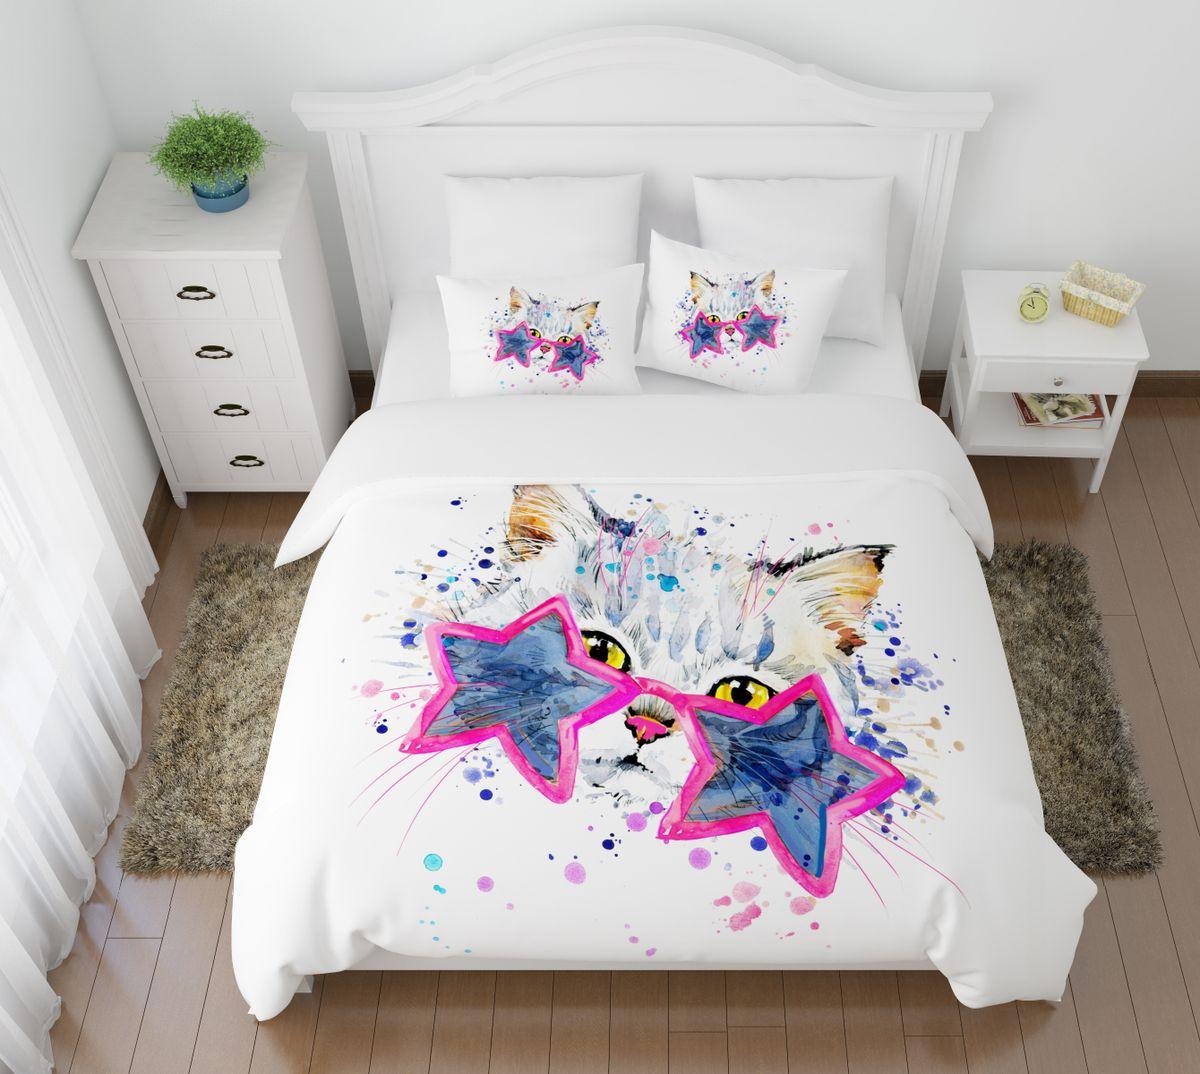 Комплект белья Сирень Звездный кот, 1,5-спальный, наволочки 50x7004909-КПБ-МКомплект постельного белья Сирень выполнен из прочной и мягкой ткани. Четкий и стильный рисунок в сочетании с насыщенными красками делают комплект постельного белья неповторимой изюминкой любого интерьера. Постельное белье идеально подойдет для подарка. Идеальное соотношение смешенной ткани и гипоаллергенных красок это гарантия здорового, спокойного сна. Ткань хорошо впитывает влагу, надолго сохраняет яркость красок. Цвет простыни, пододеяльника, наволочки в комплектации может немного отличаться от представленного на фото. В комплект входят: простынь - 150х220см; пододельяник 145х210 см; наволочка - 50х70х2шт. Постельное белье легко стирать при 30-40 градусах, гладить при 150 градусах, не отбеливать.Рекомендуется перед первым изпользованием постирать.